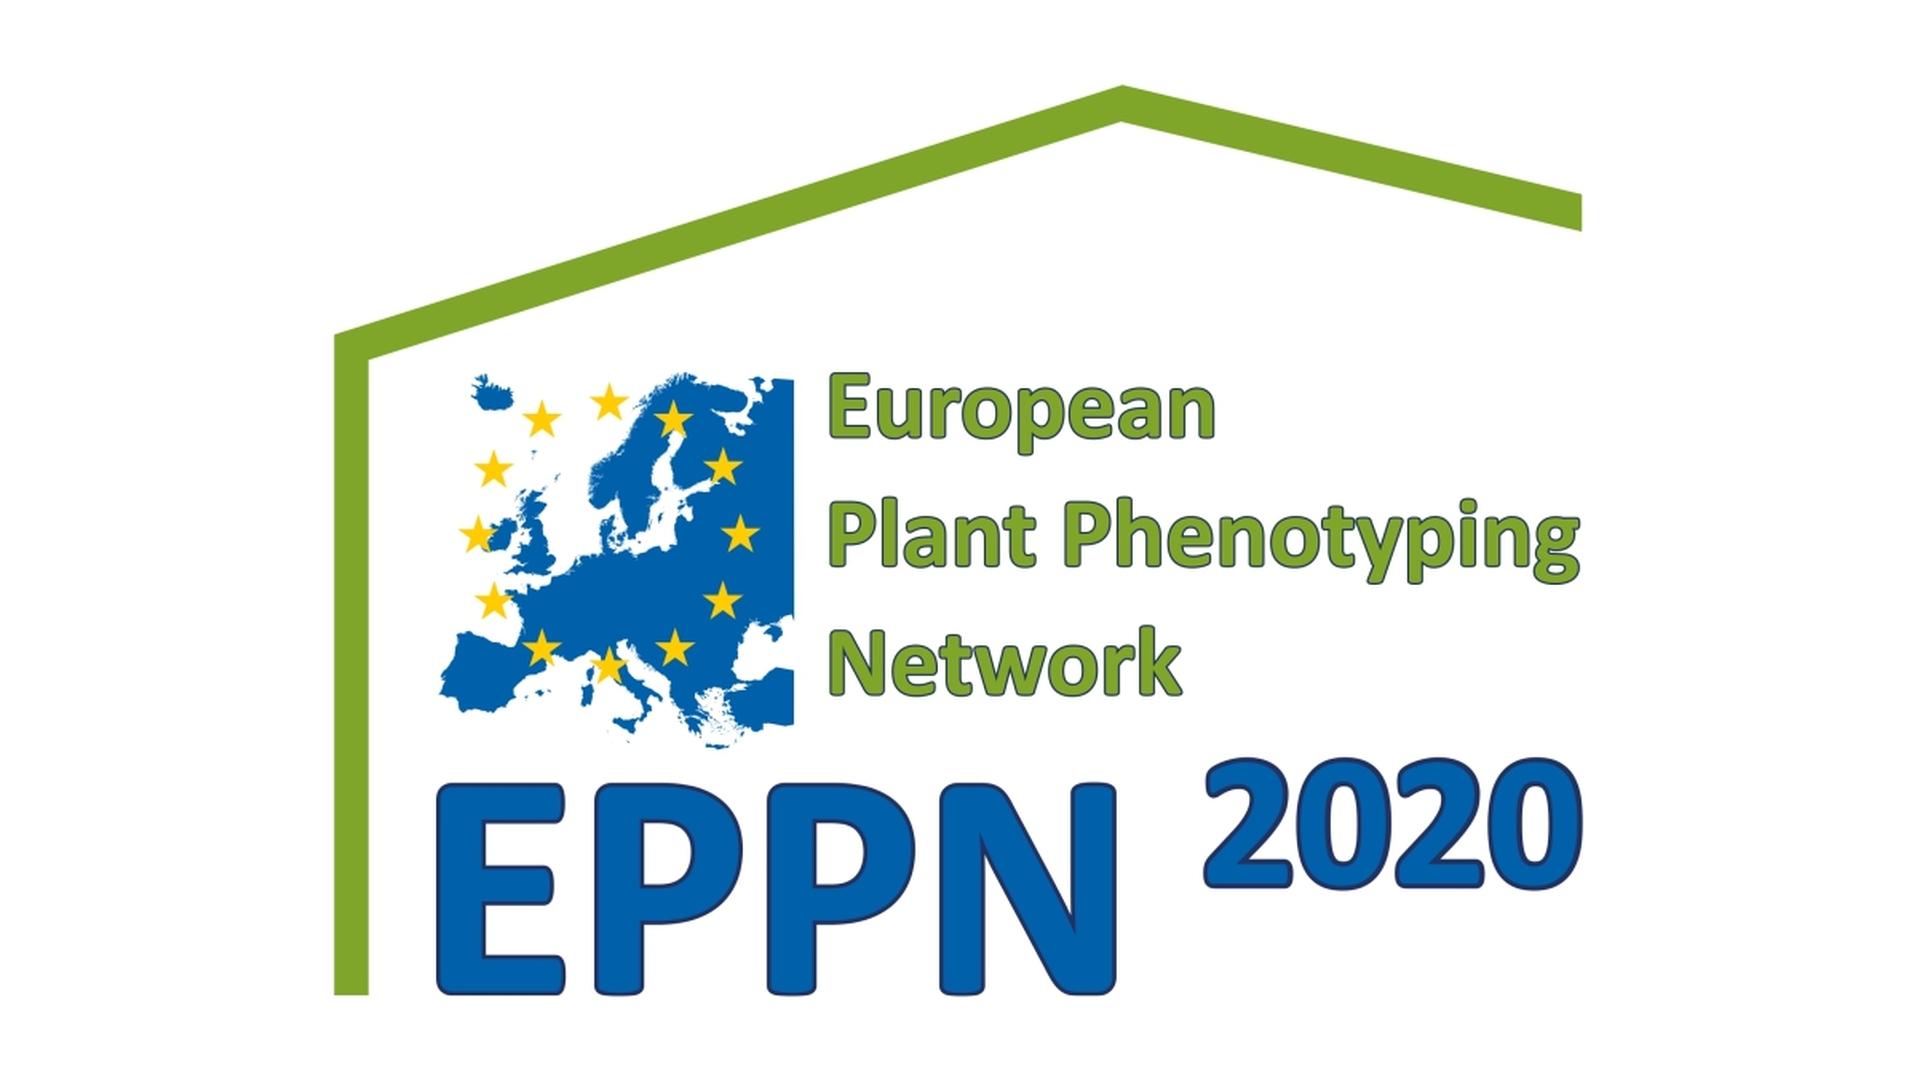 EPPN2020 Call